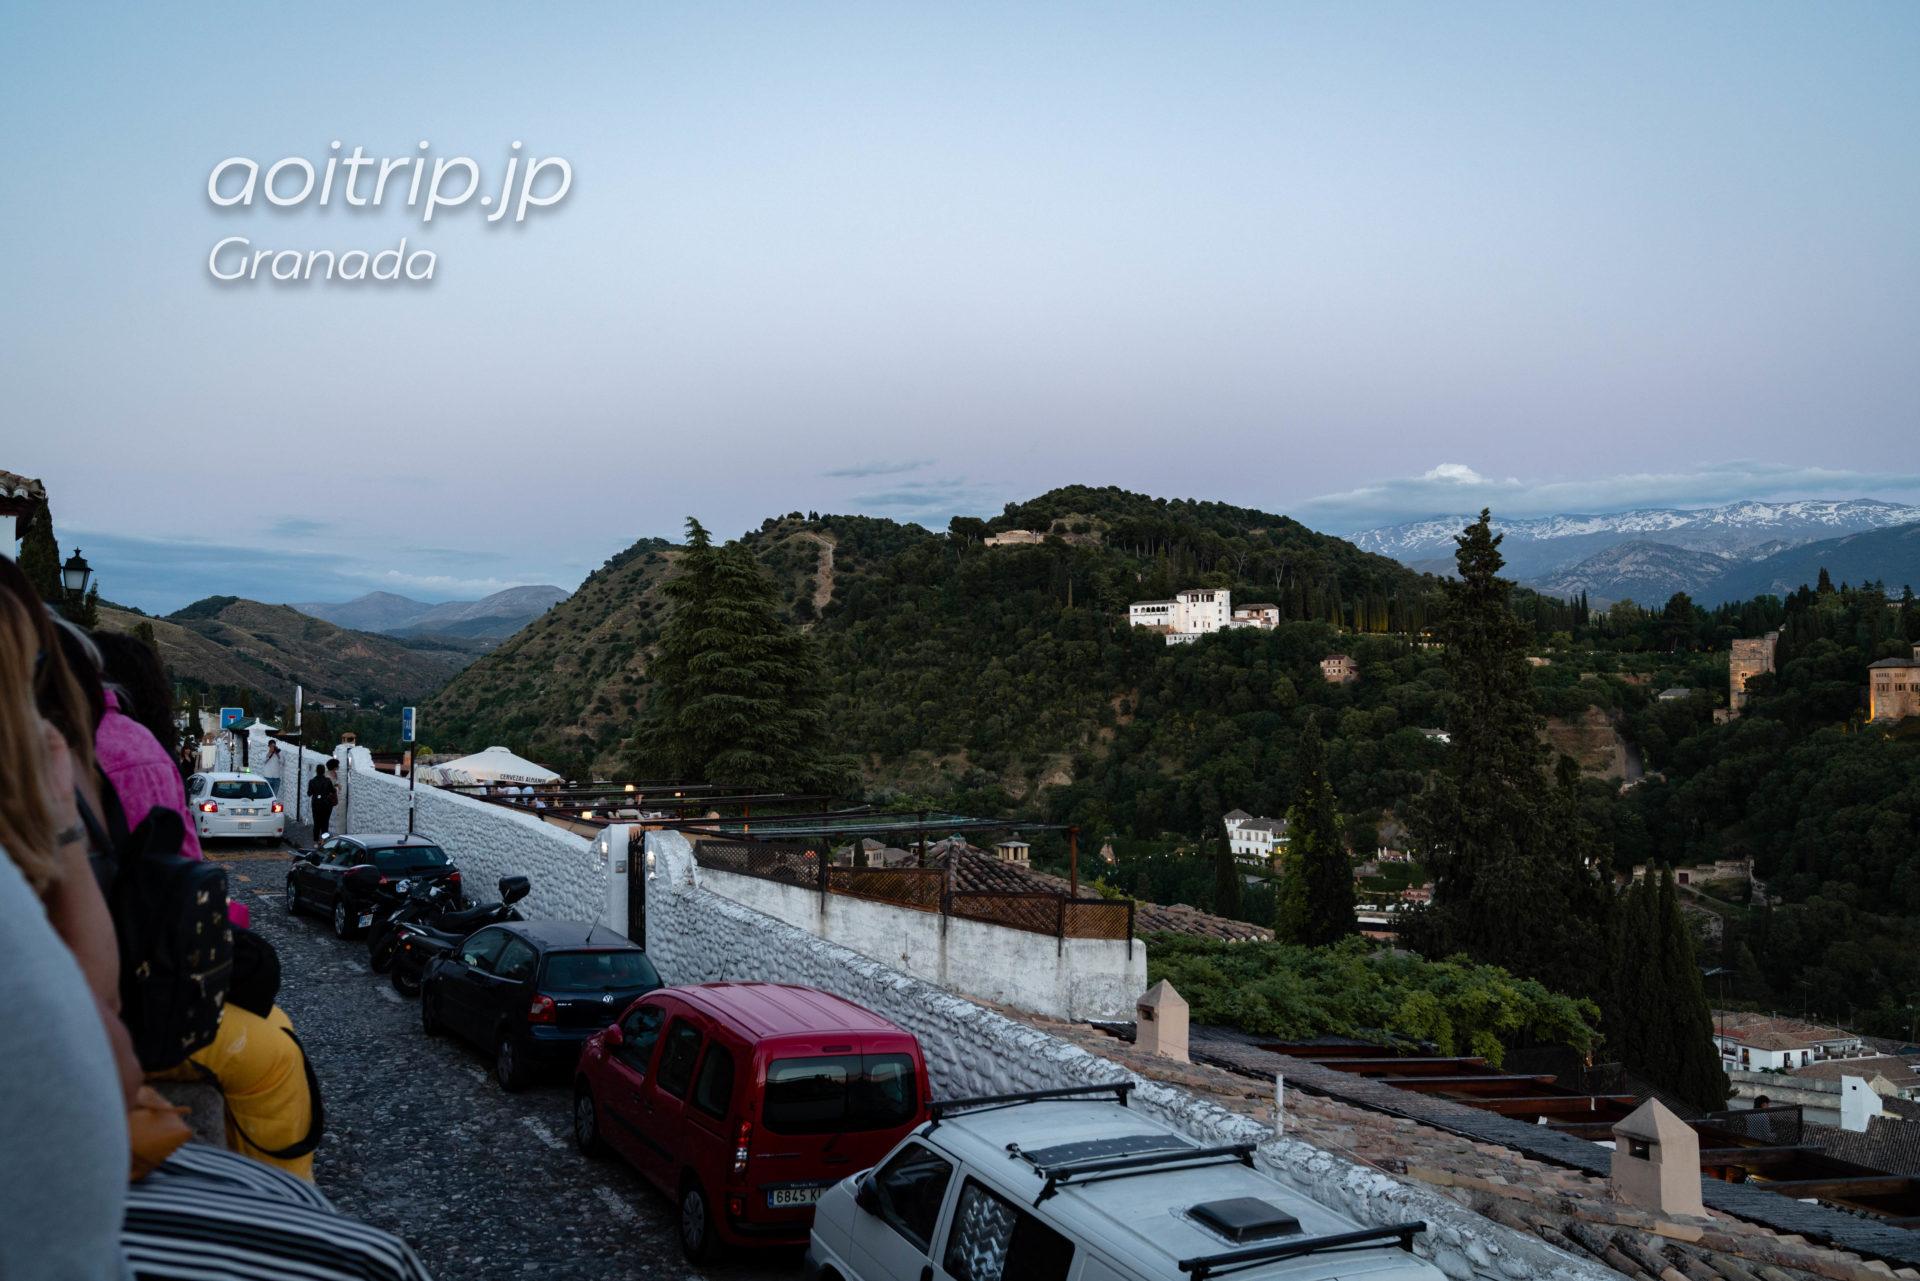 グラナダのサンニコラス広場展望台